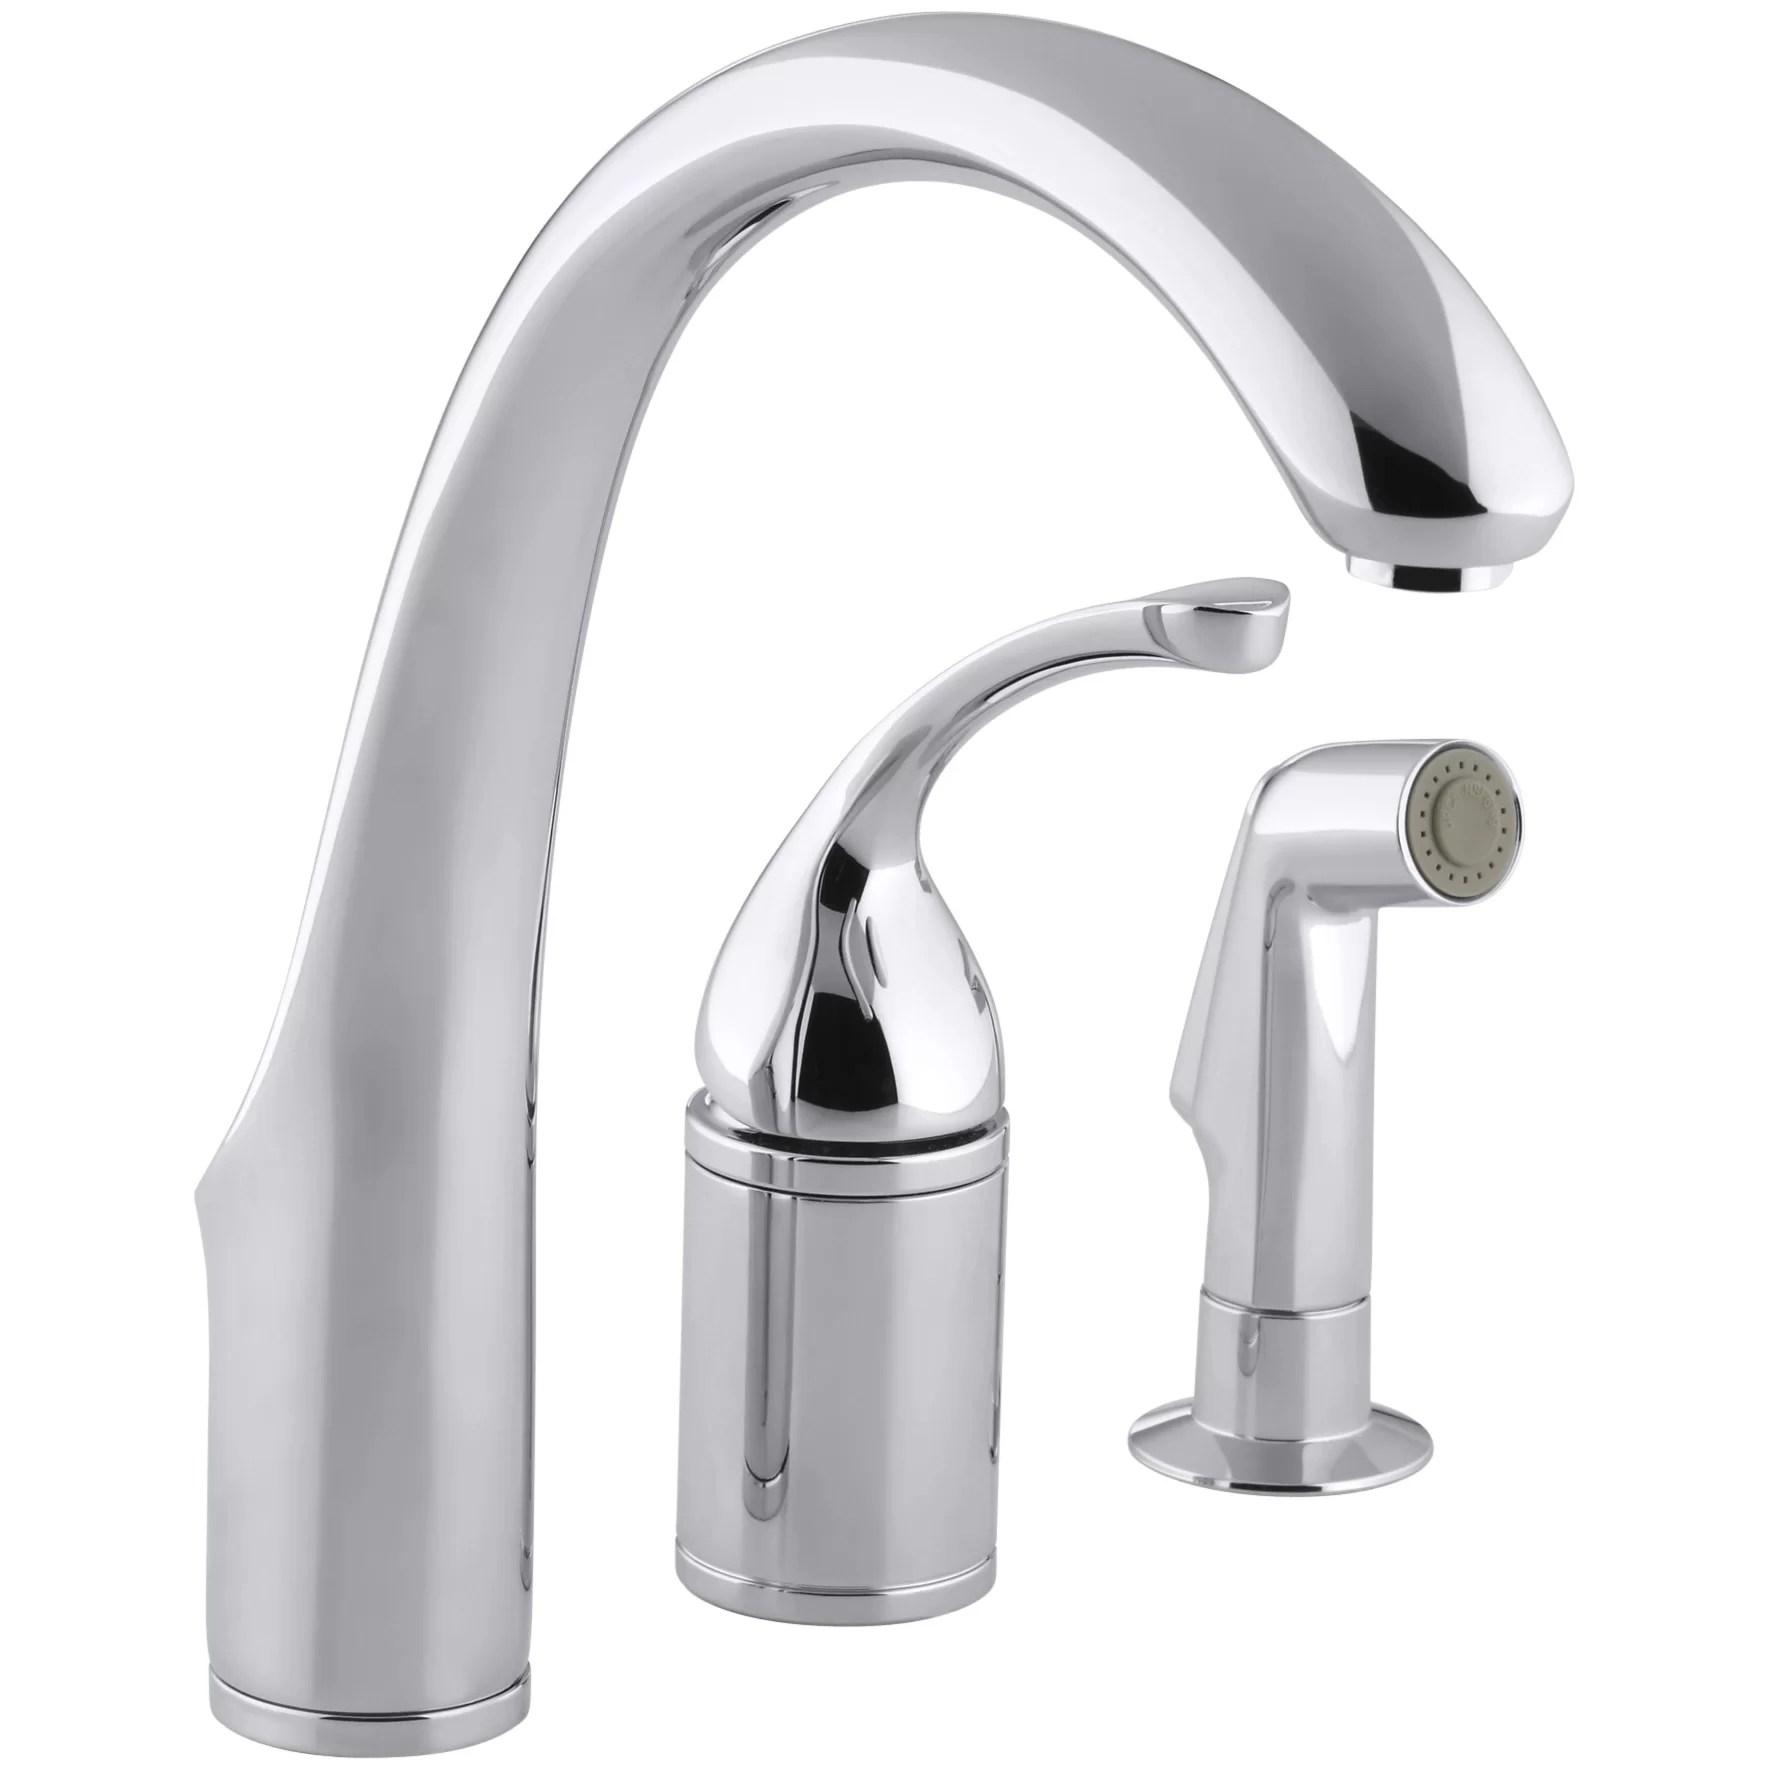 Kohler Forté 3hole Remote Valve Kitchen Sink Faucet With